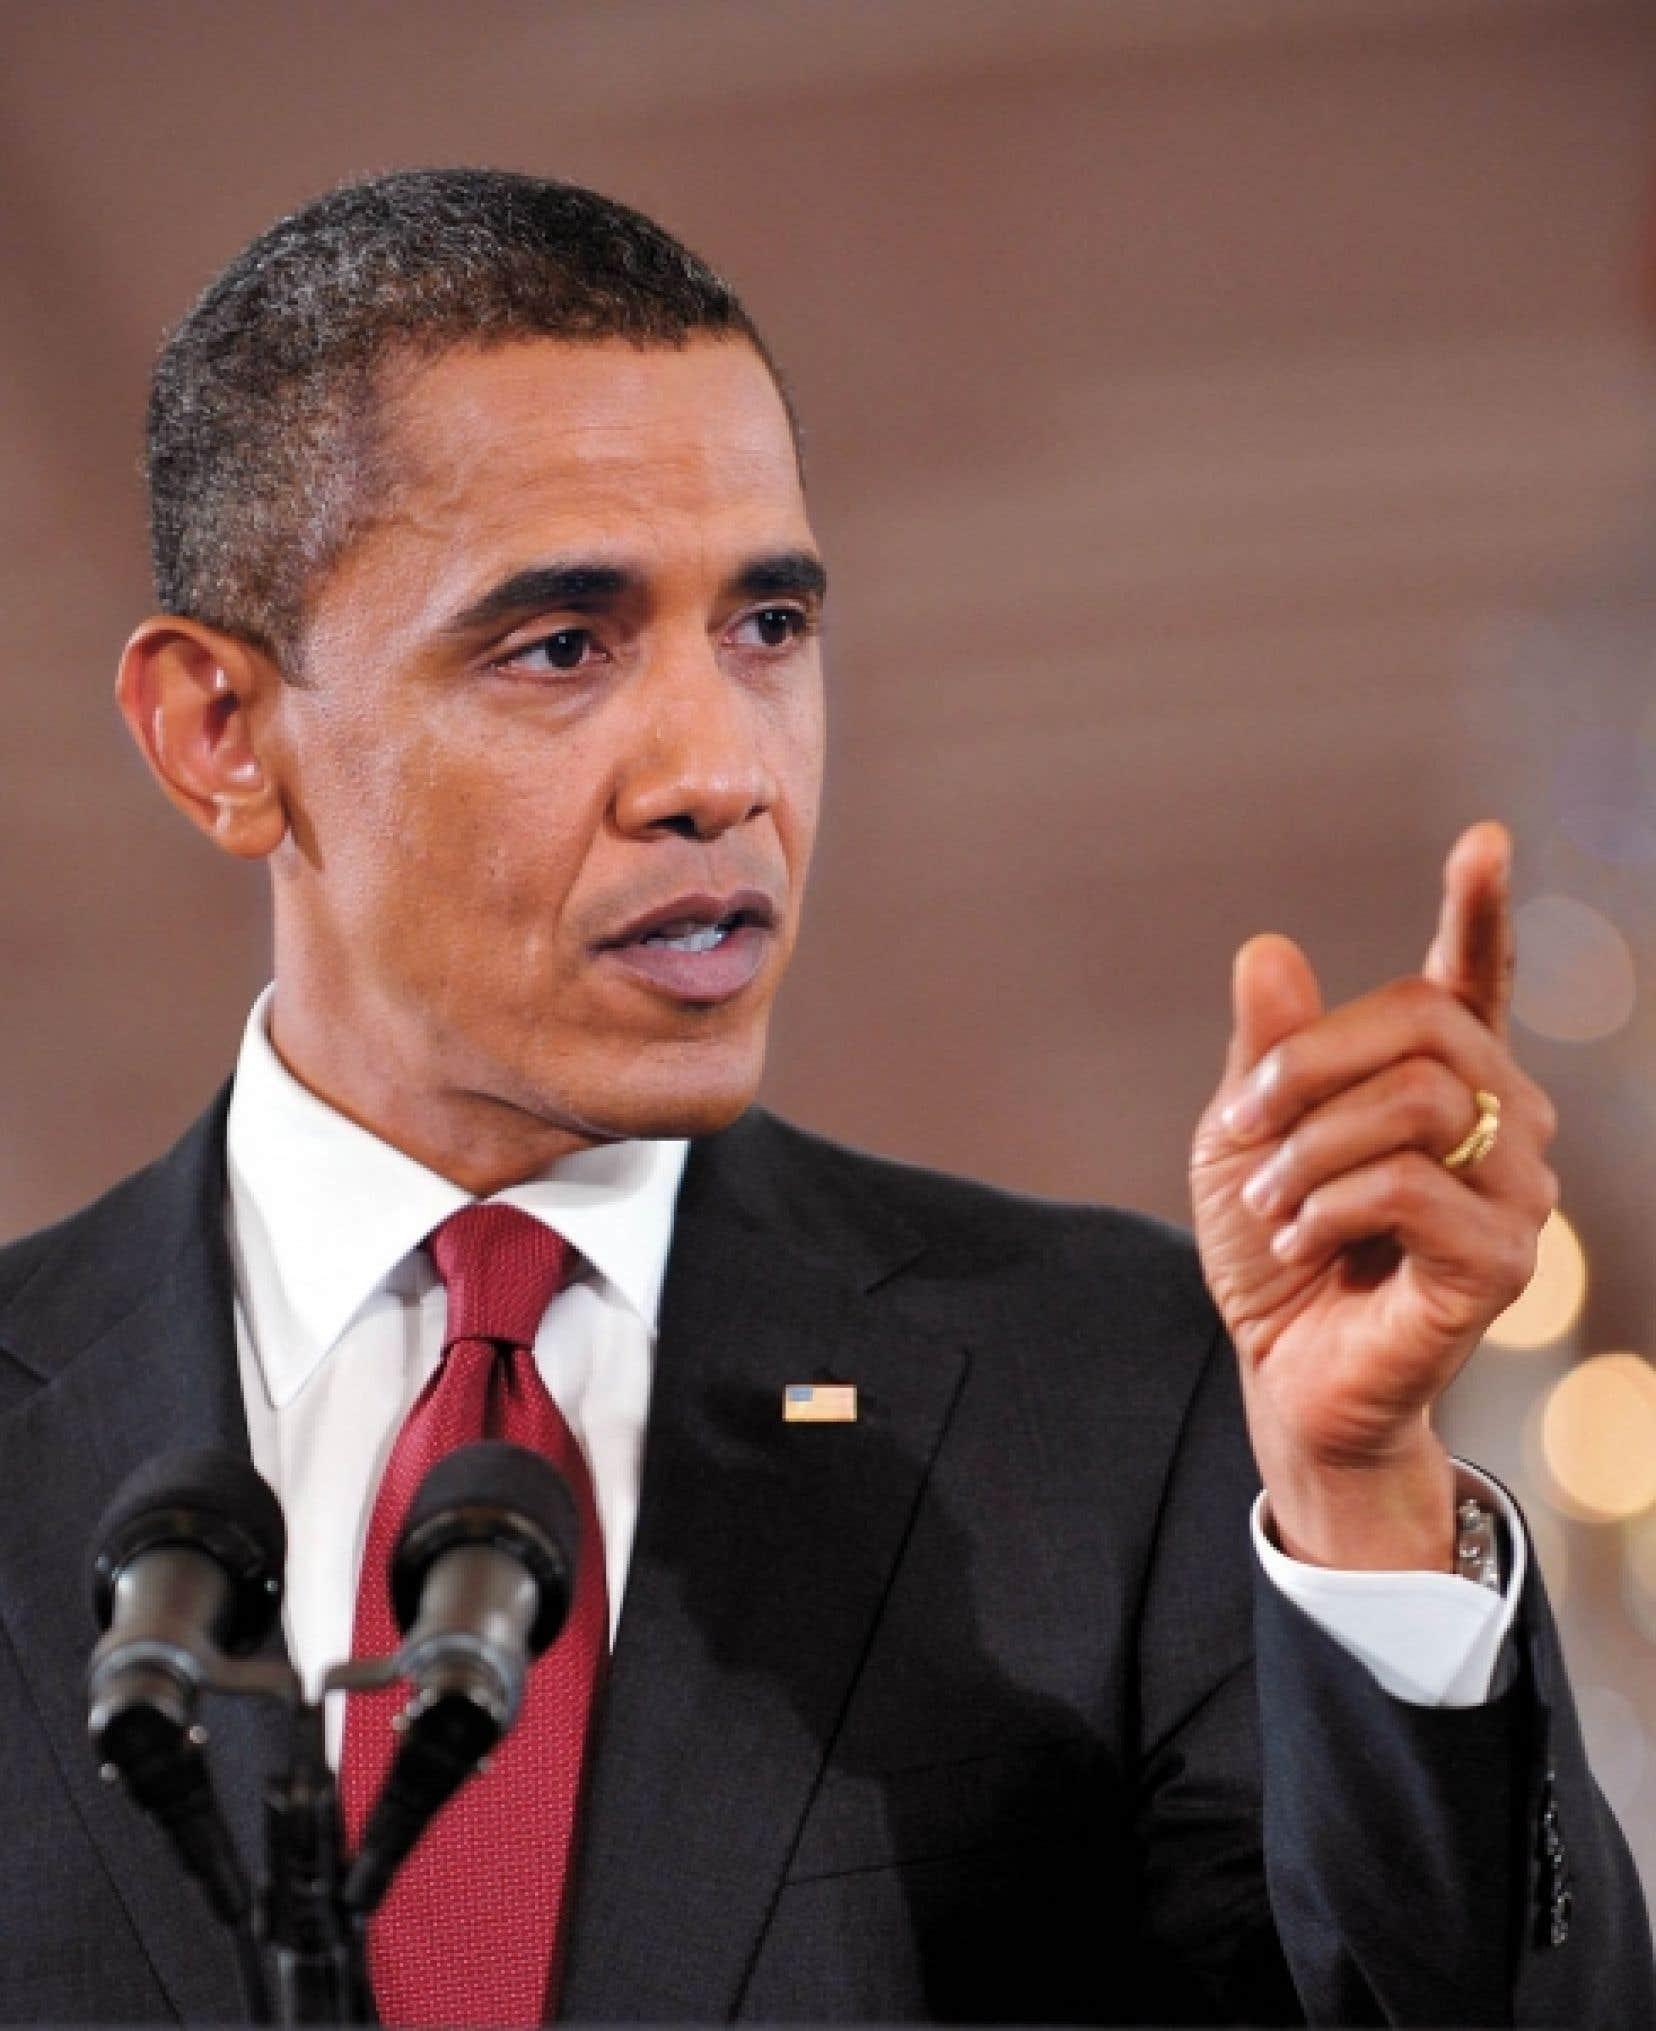 Le président Obama a déclaré hier à Washington avoir entendu le peuple américain et accepter son blâme.<br />